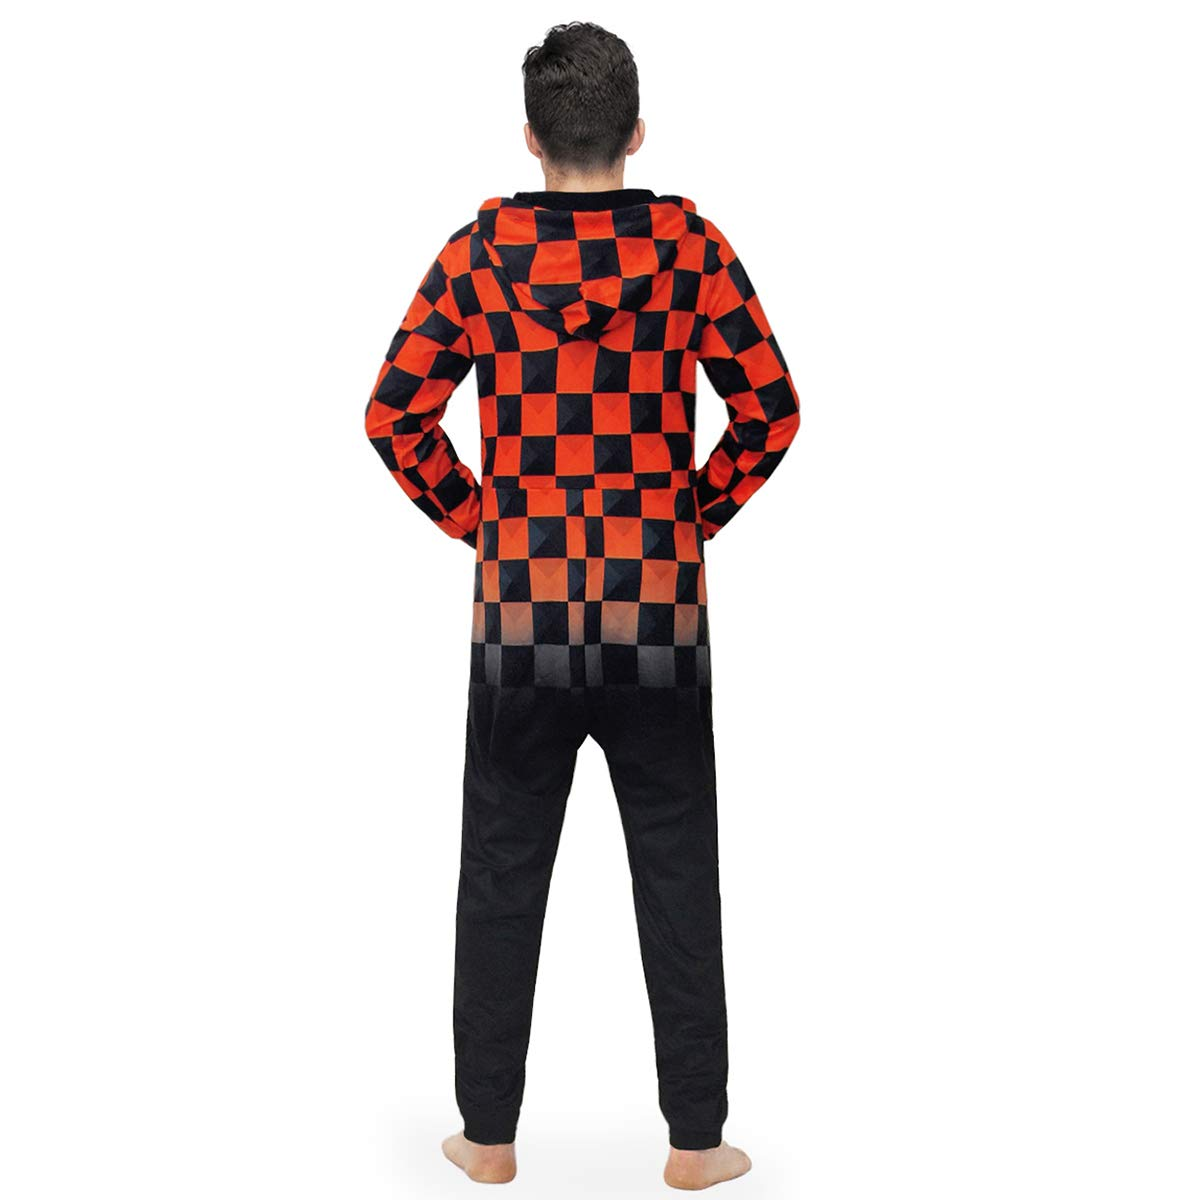 Morbuy Mens 3D Print Onesie Hoodie Adult Jumpsuit Stylish Printed One Zip Playsuit Hooded Autumn Warm Pajama Plus Size Sleepwear